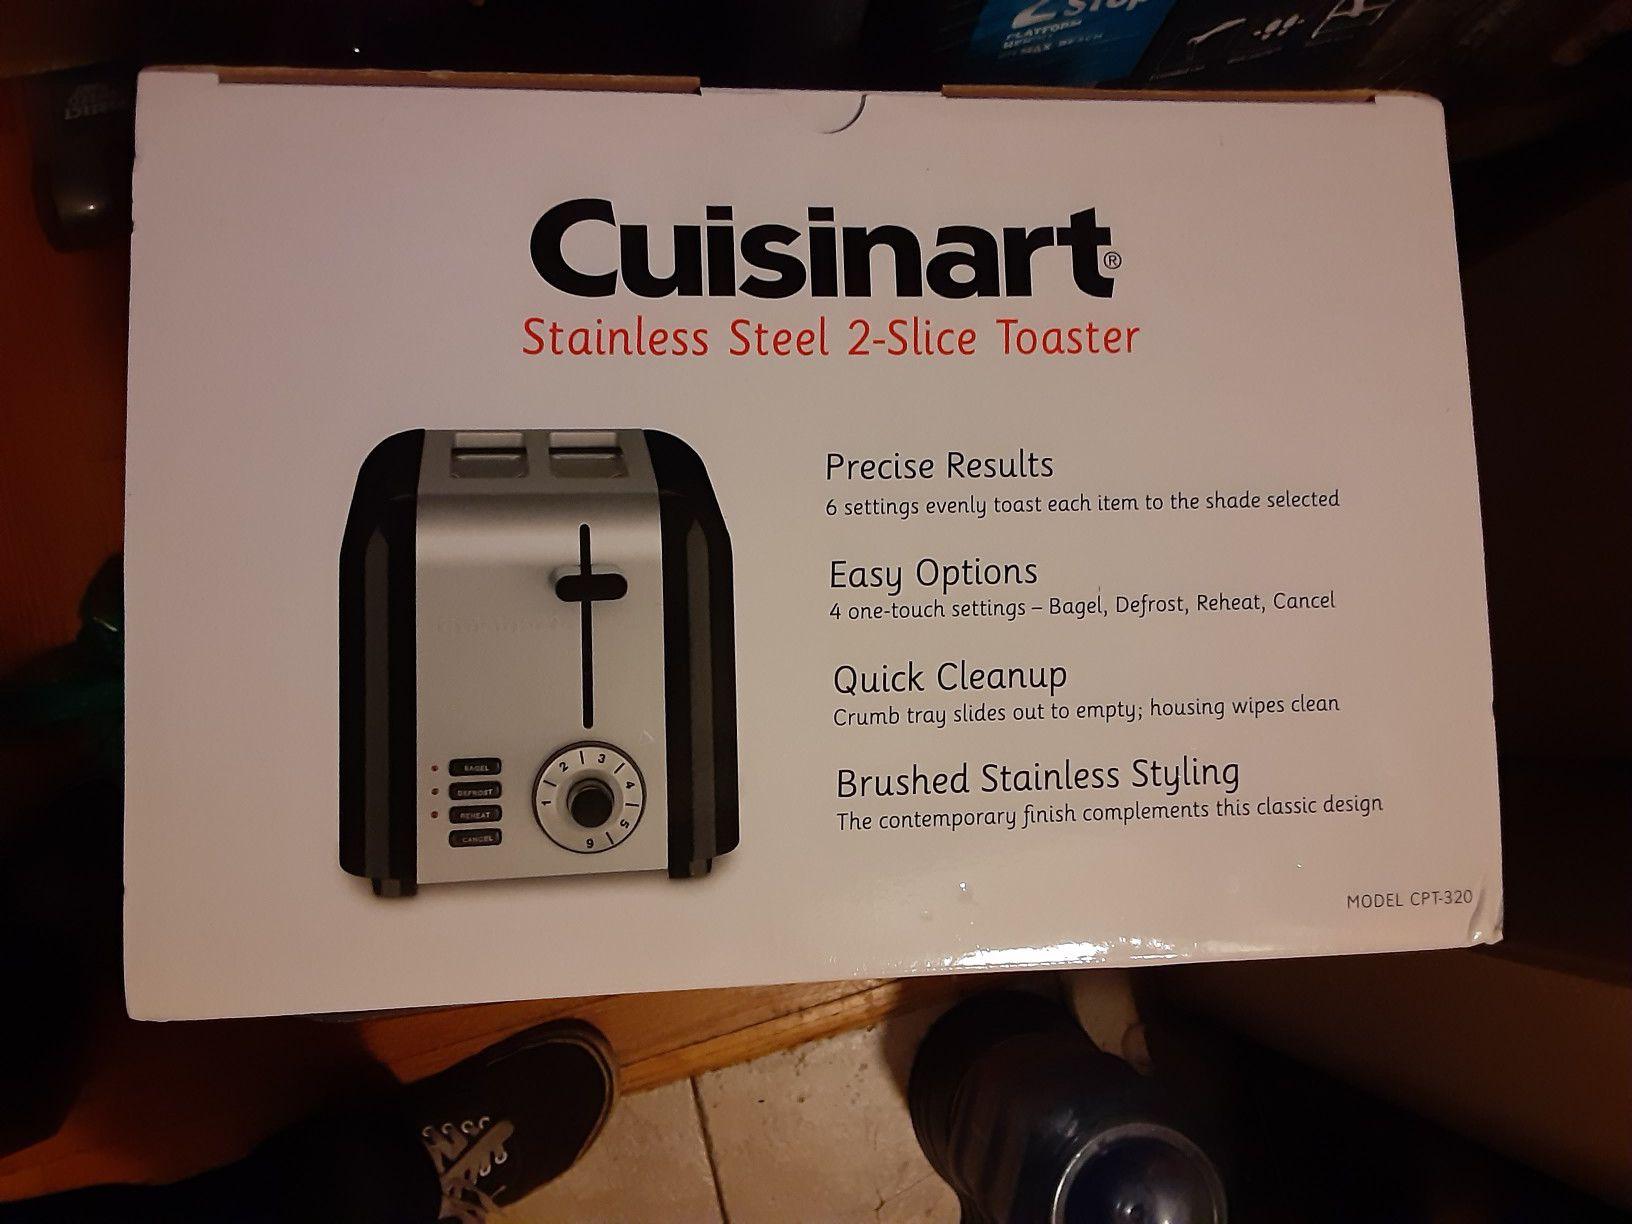 Cuisinart 2 slice toaster